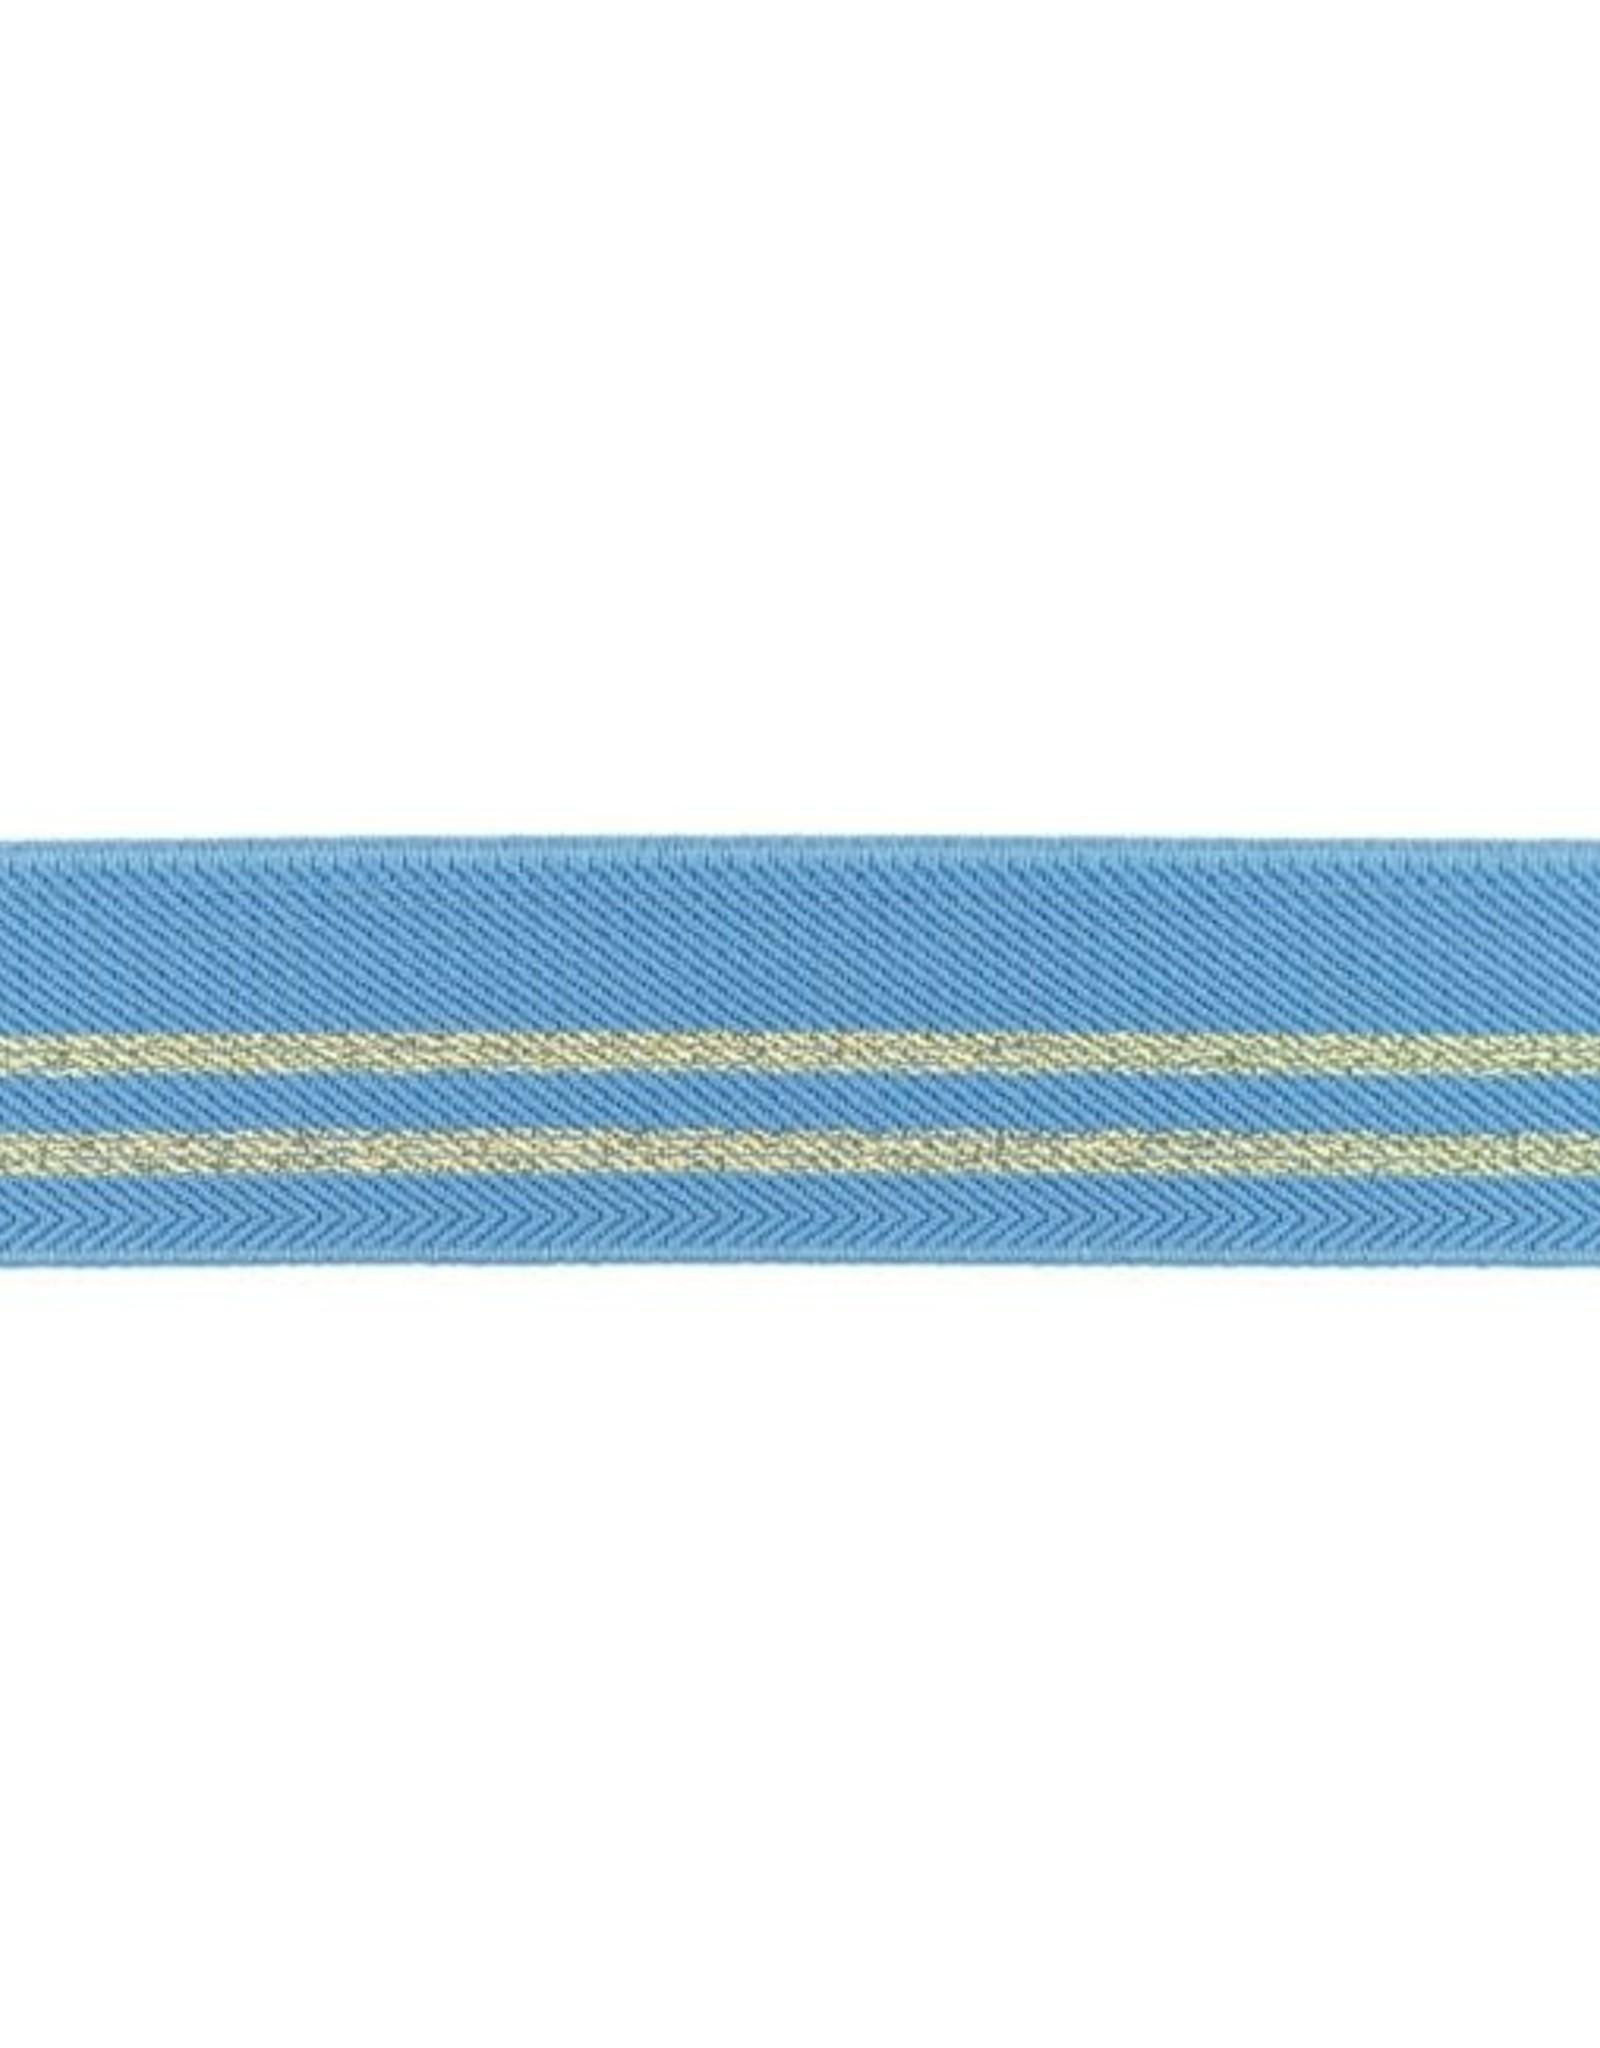 Gestreepte elastiek 30mm - Jeansblauw/Goud